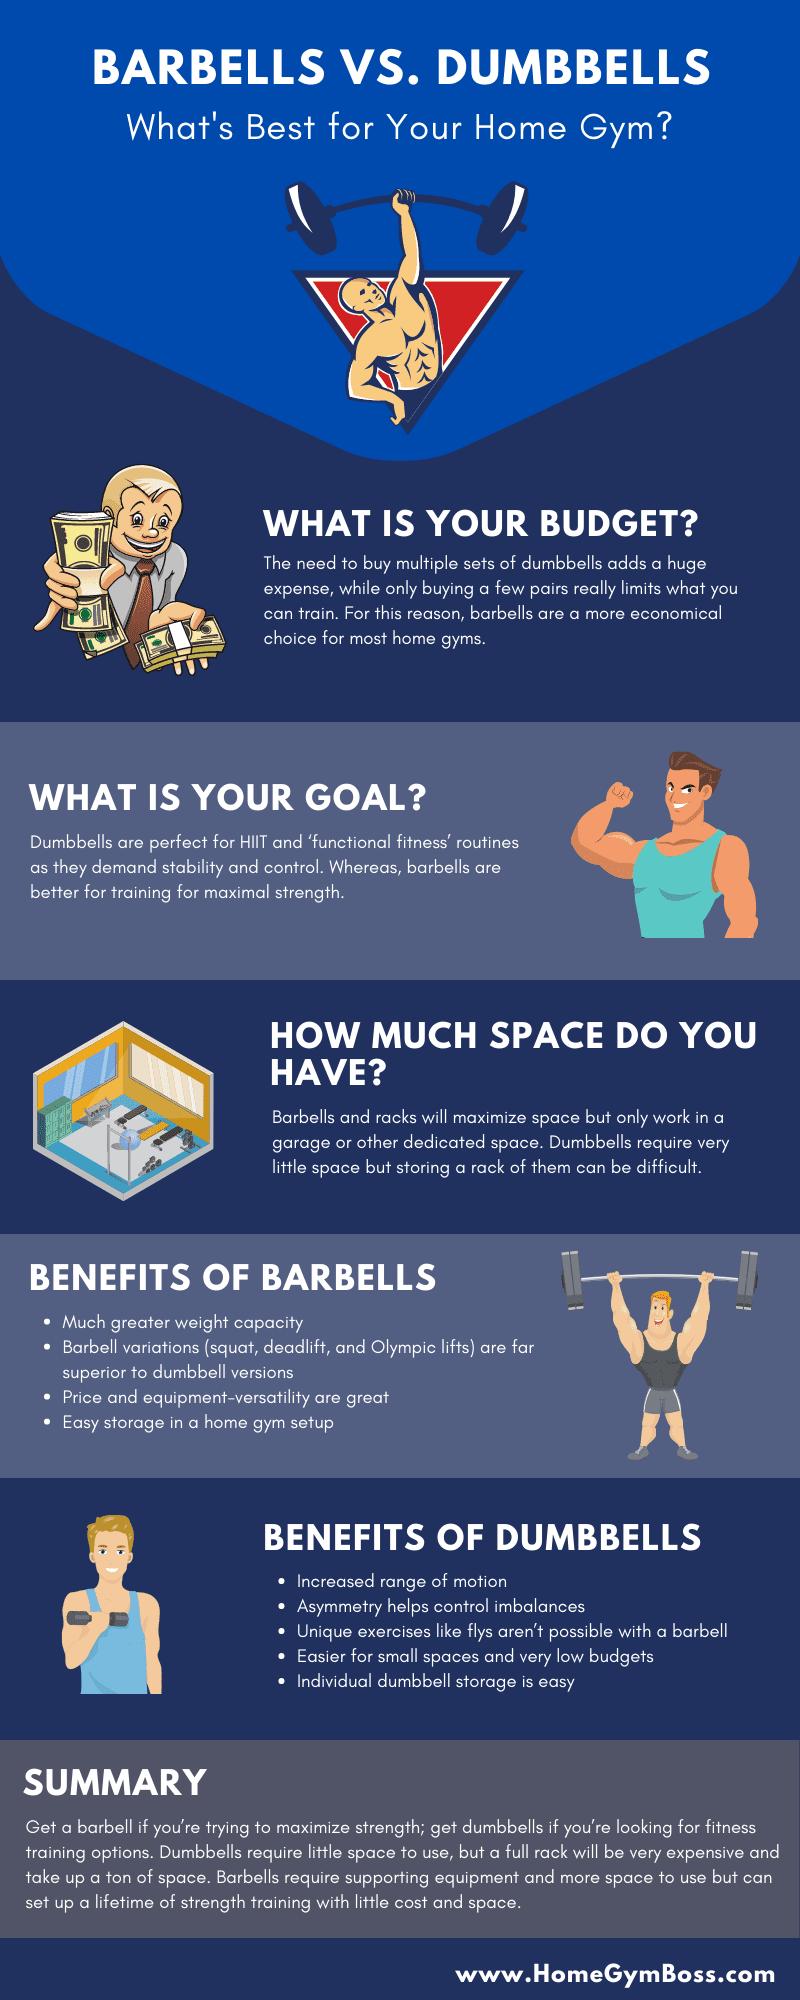 dumbbells vs. barbells